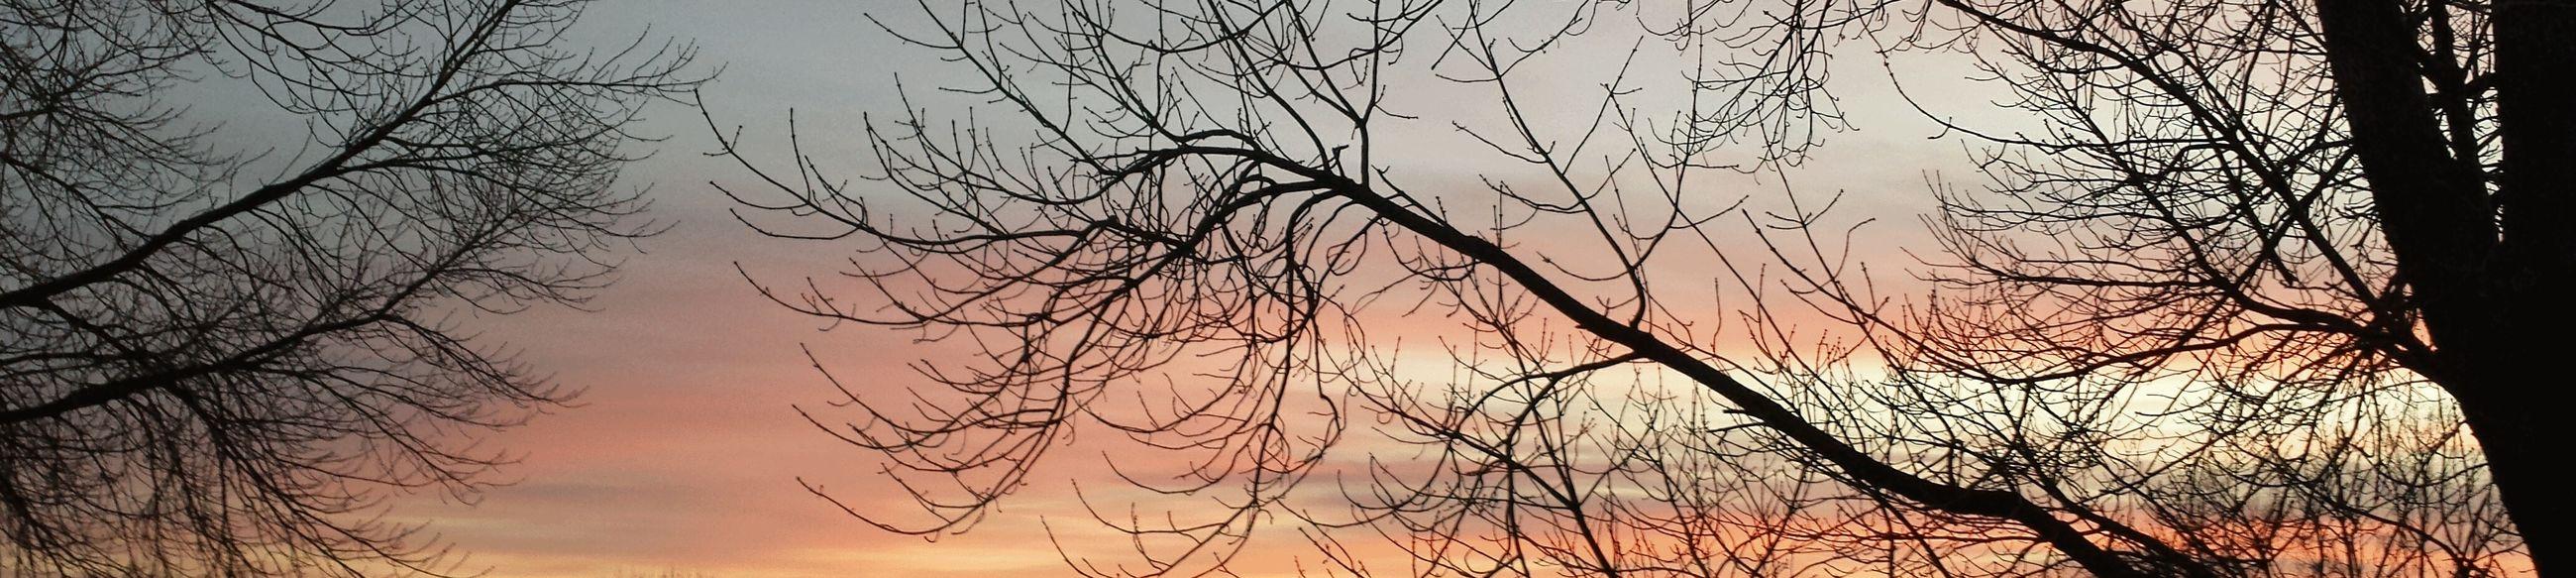 November Sunset Sunset